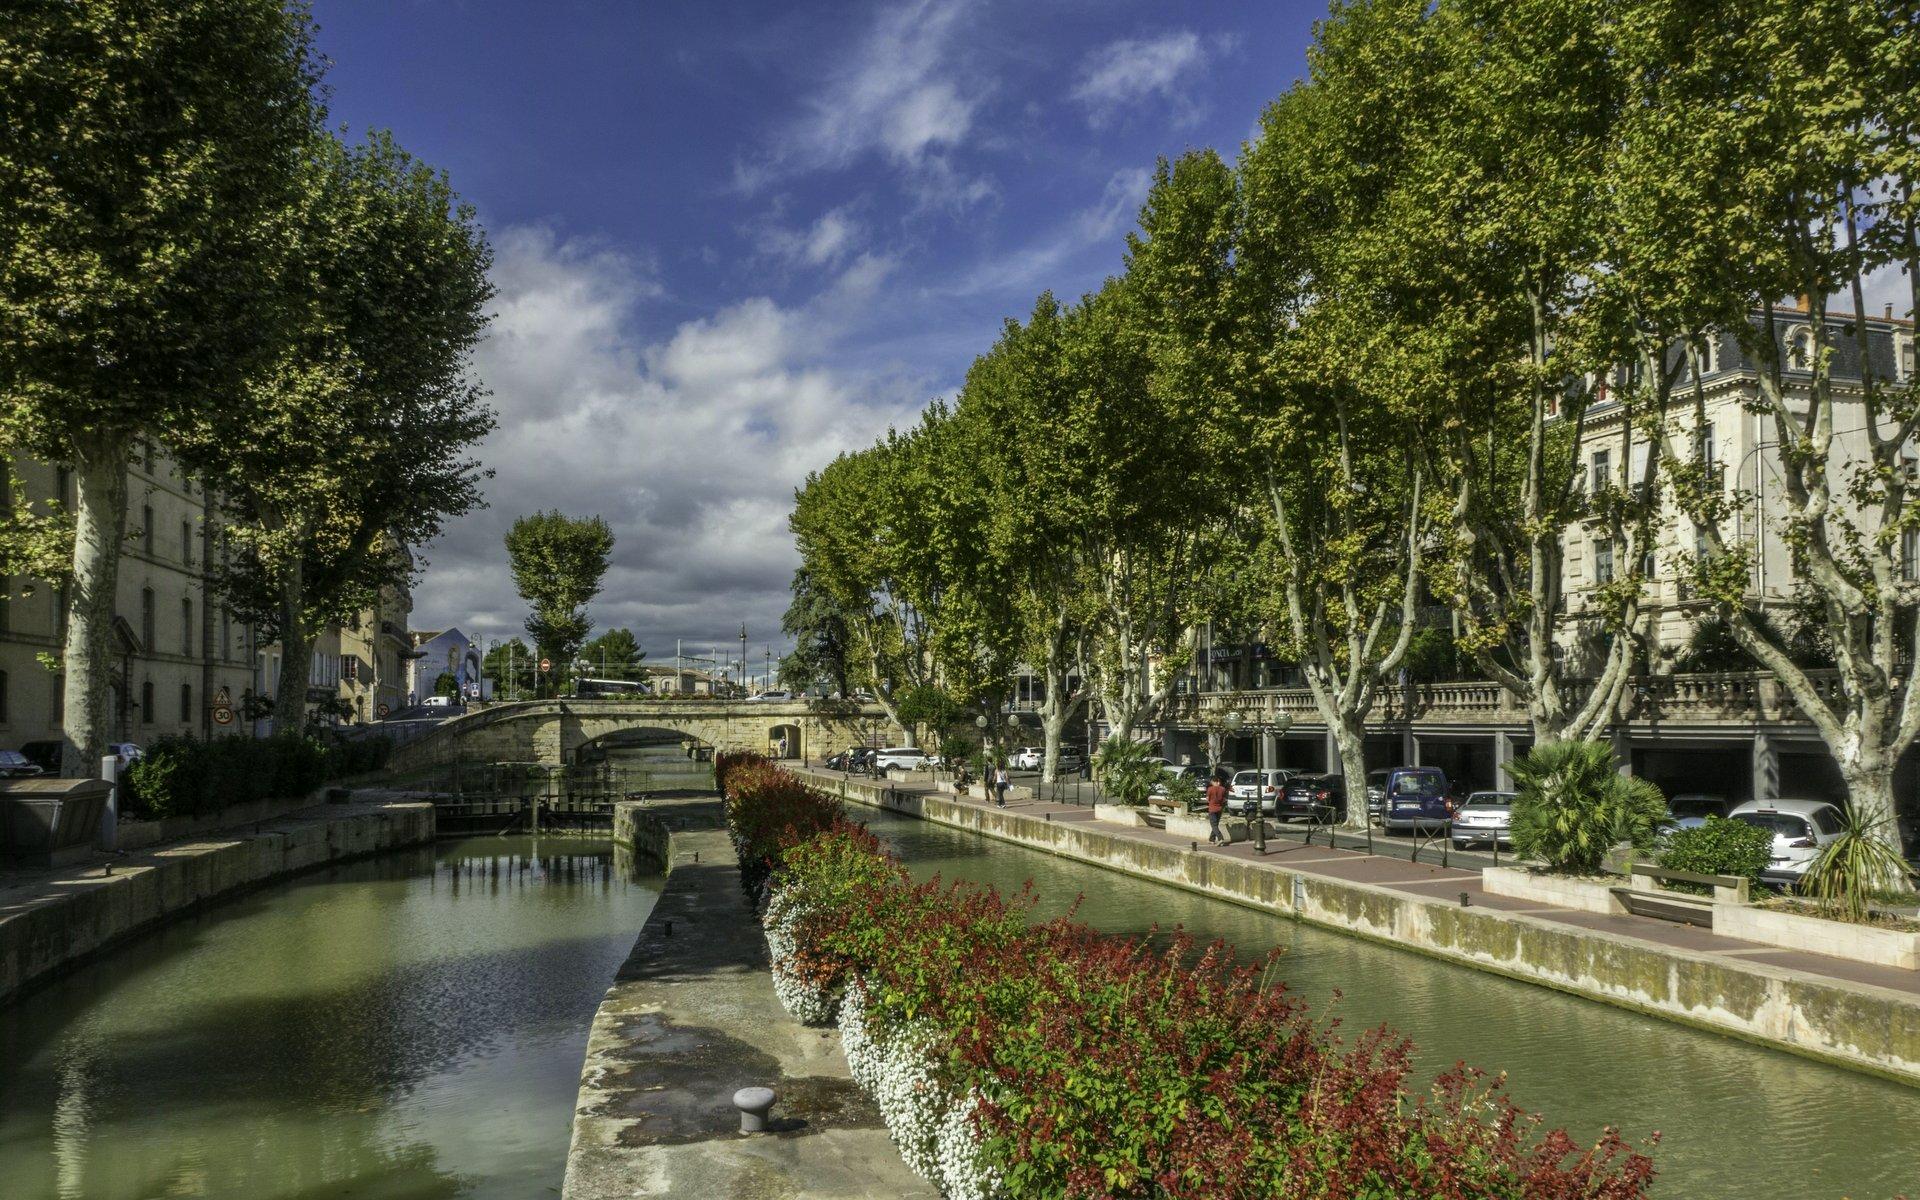 Écluse de Narbonne und Canal de la Robine in Narbonne